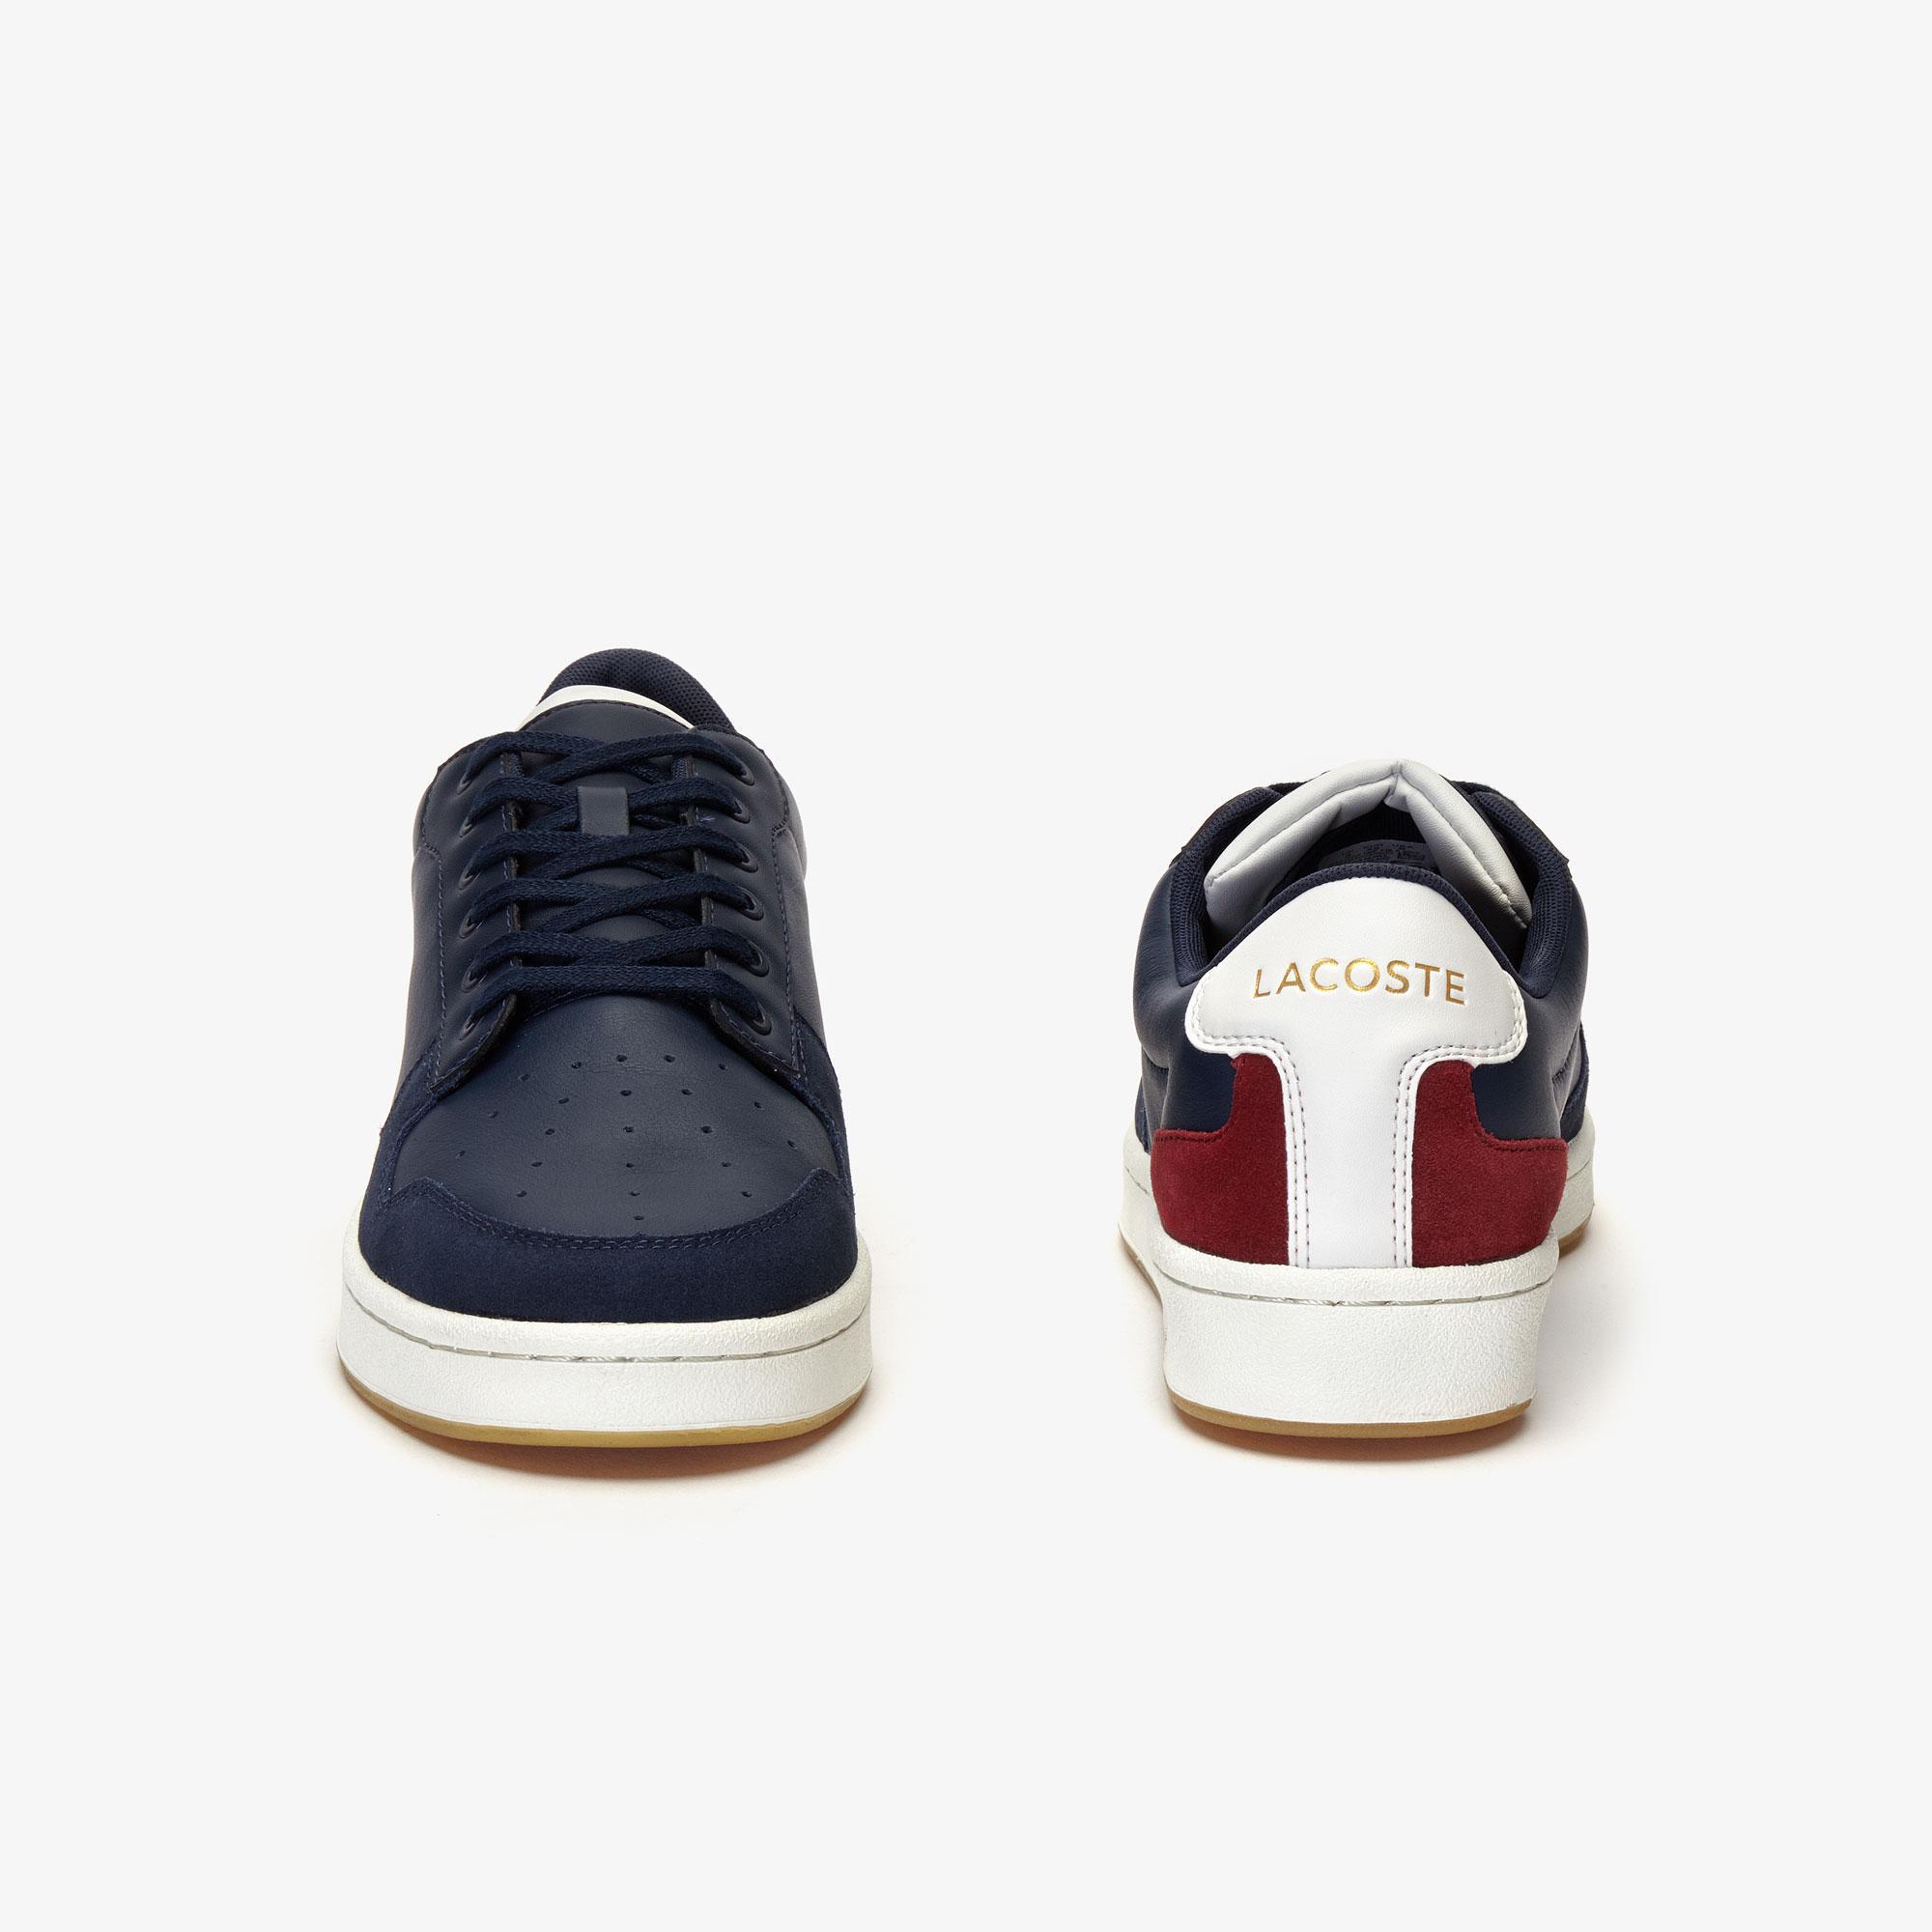 Lacoste Masters Cup 319 2 Sma Erkek Lacivert - Bej - Koyu Kırmızı Sneaker